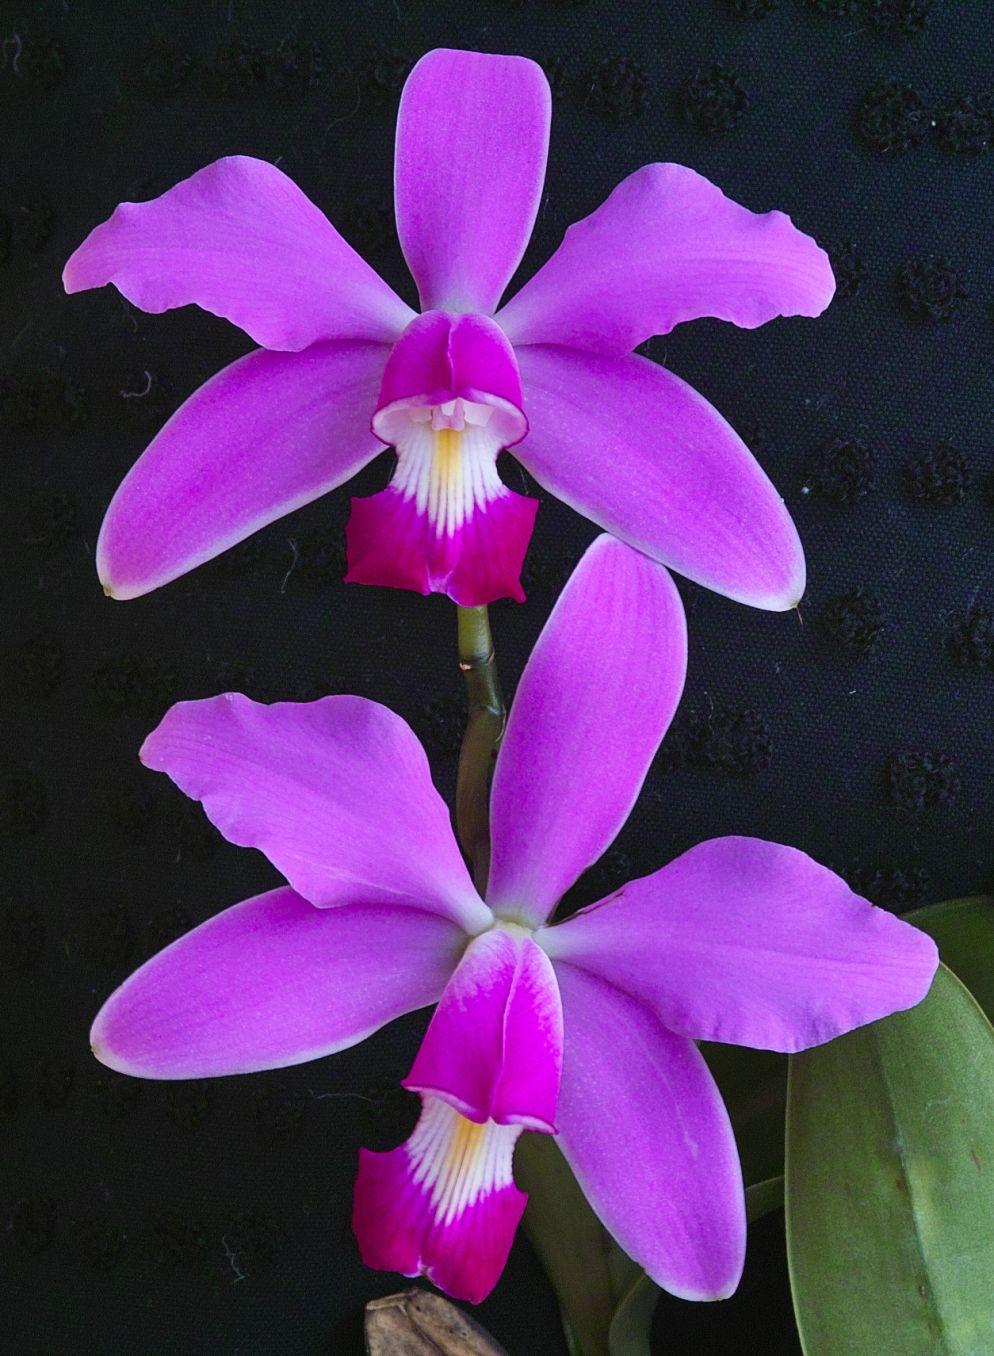 Cattleya Violacea S1 Anggrek Bunga Kertas Dan Ungu